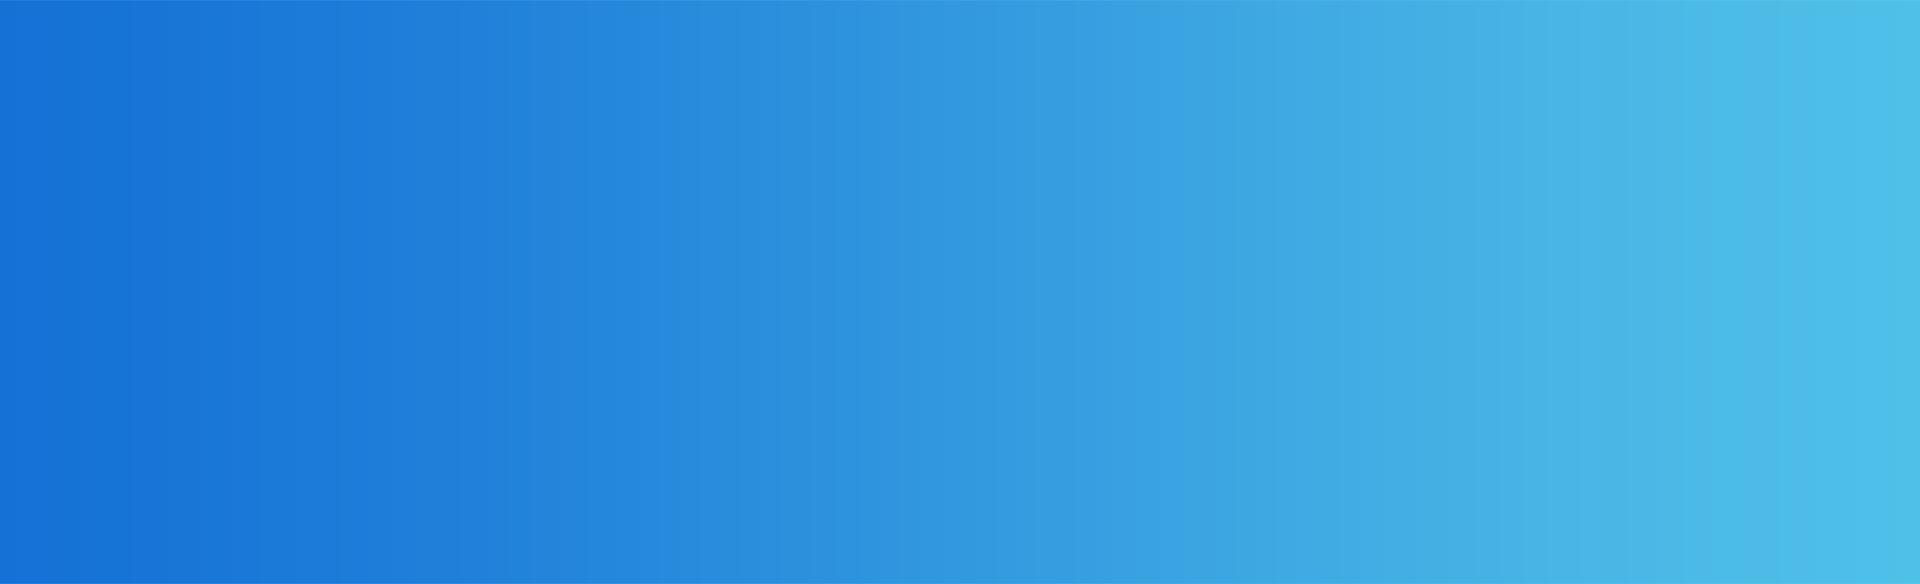 blue_slider_bg